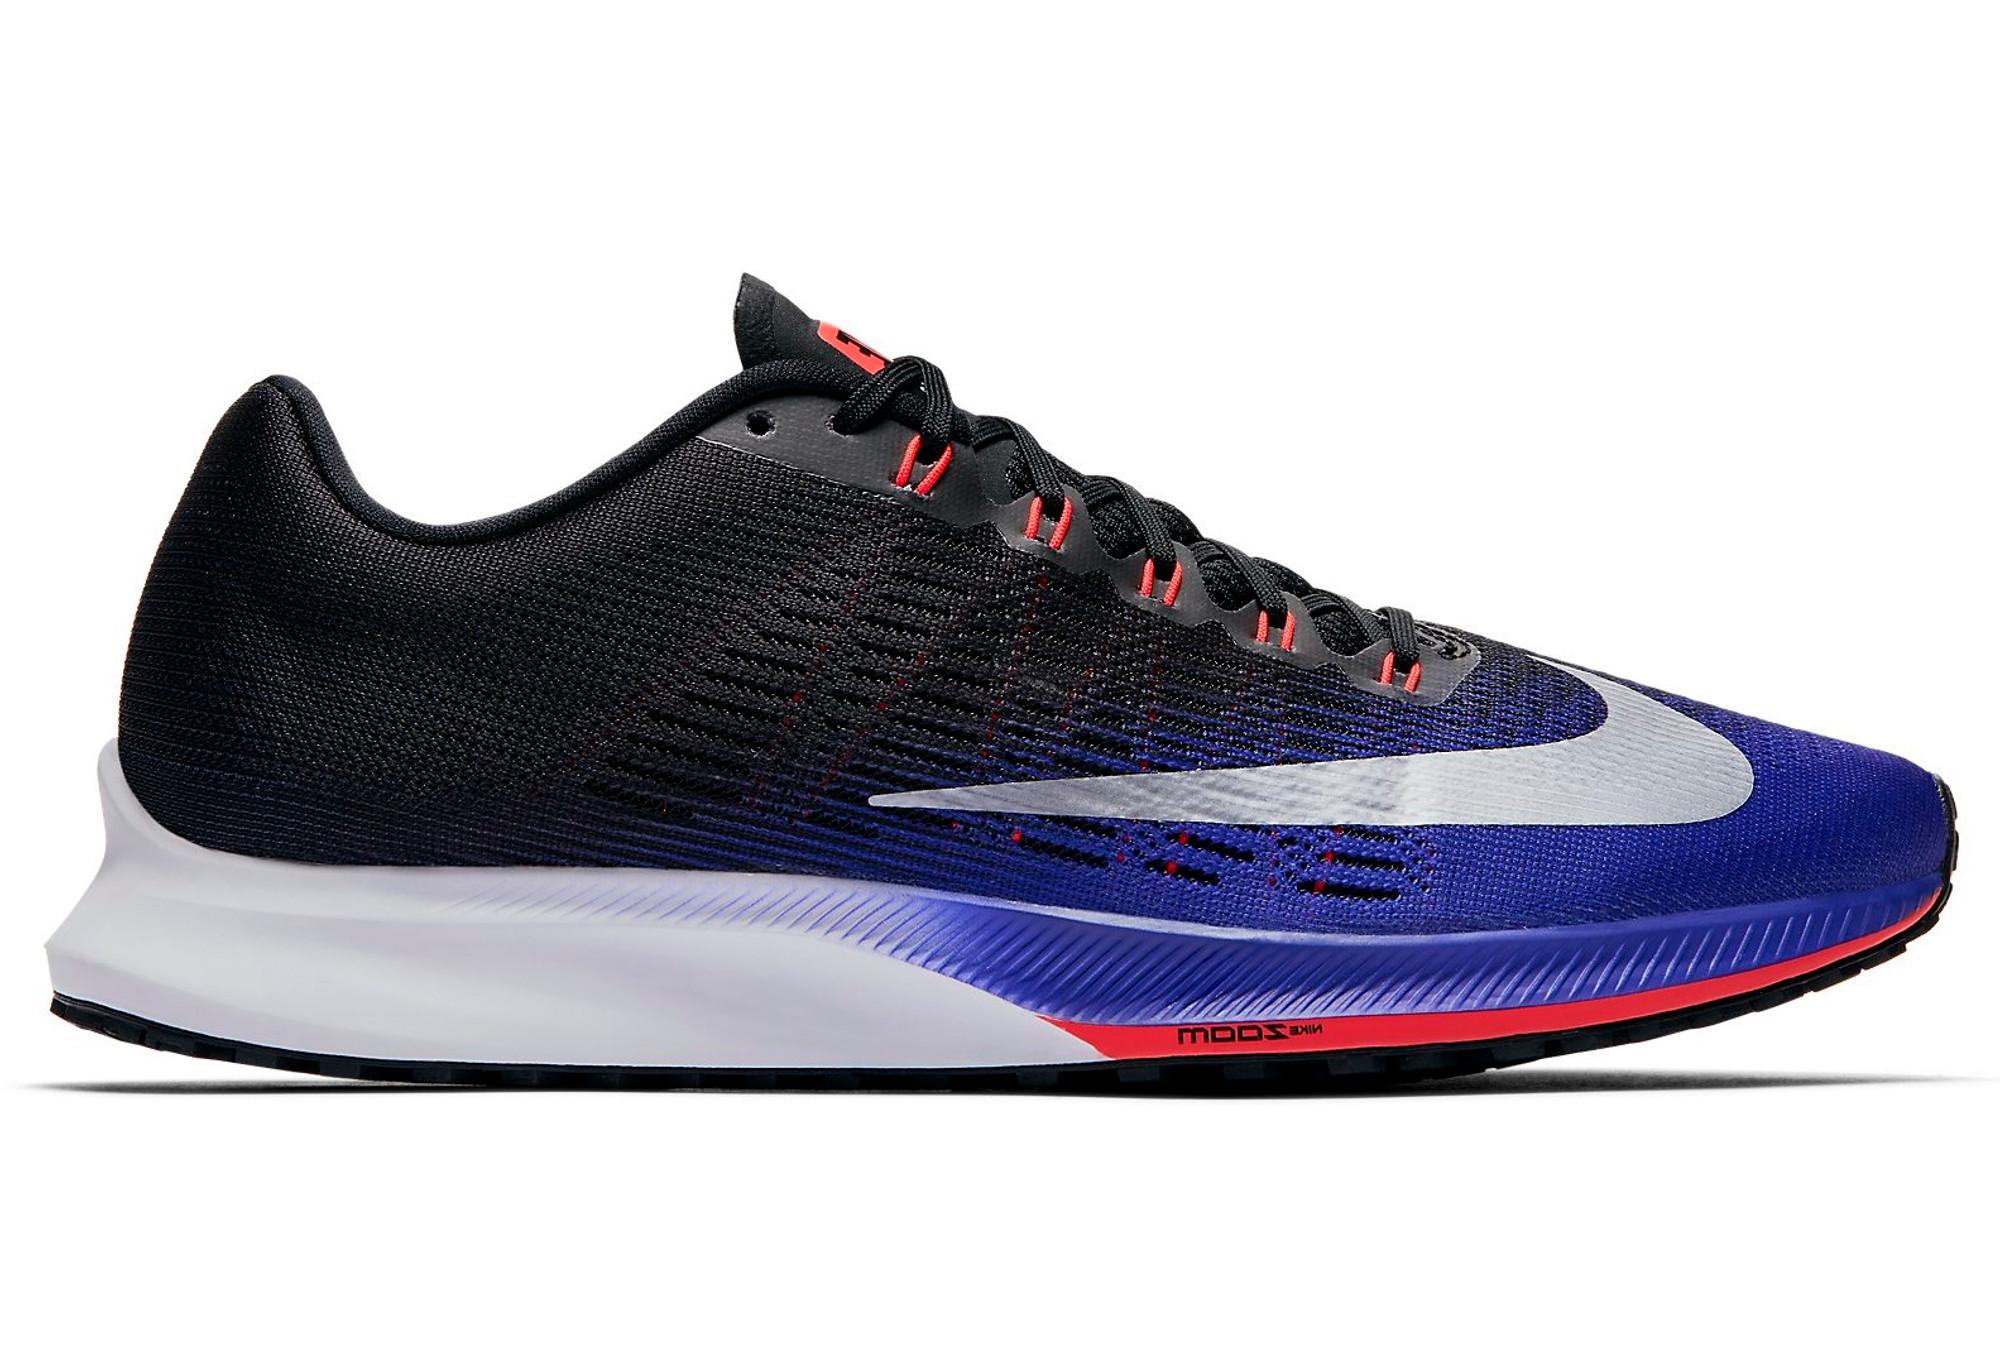 premium selection 75a75 0ecab Nike Air Zoom Elite 9 Black Purple Men Shoes